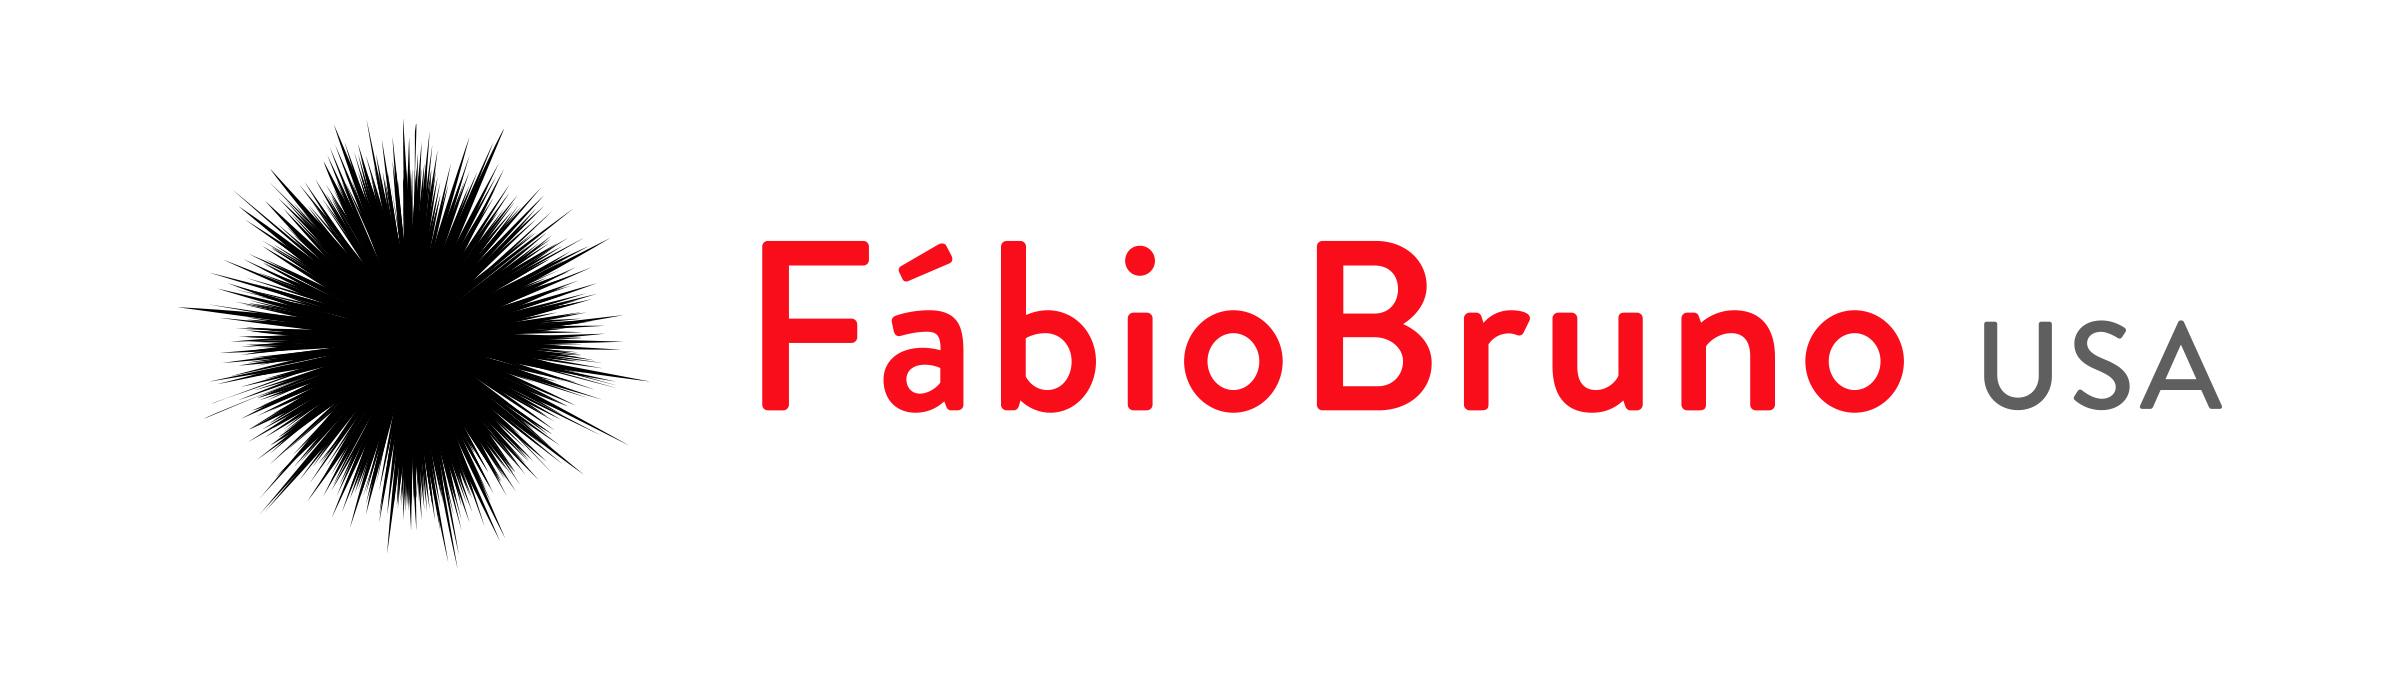 Fabio Bruno_Logo Full.jpg